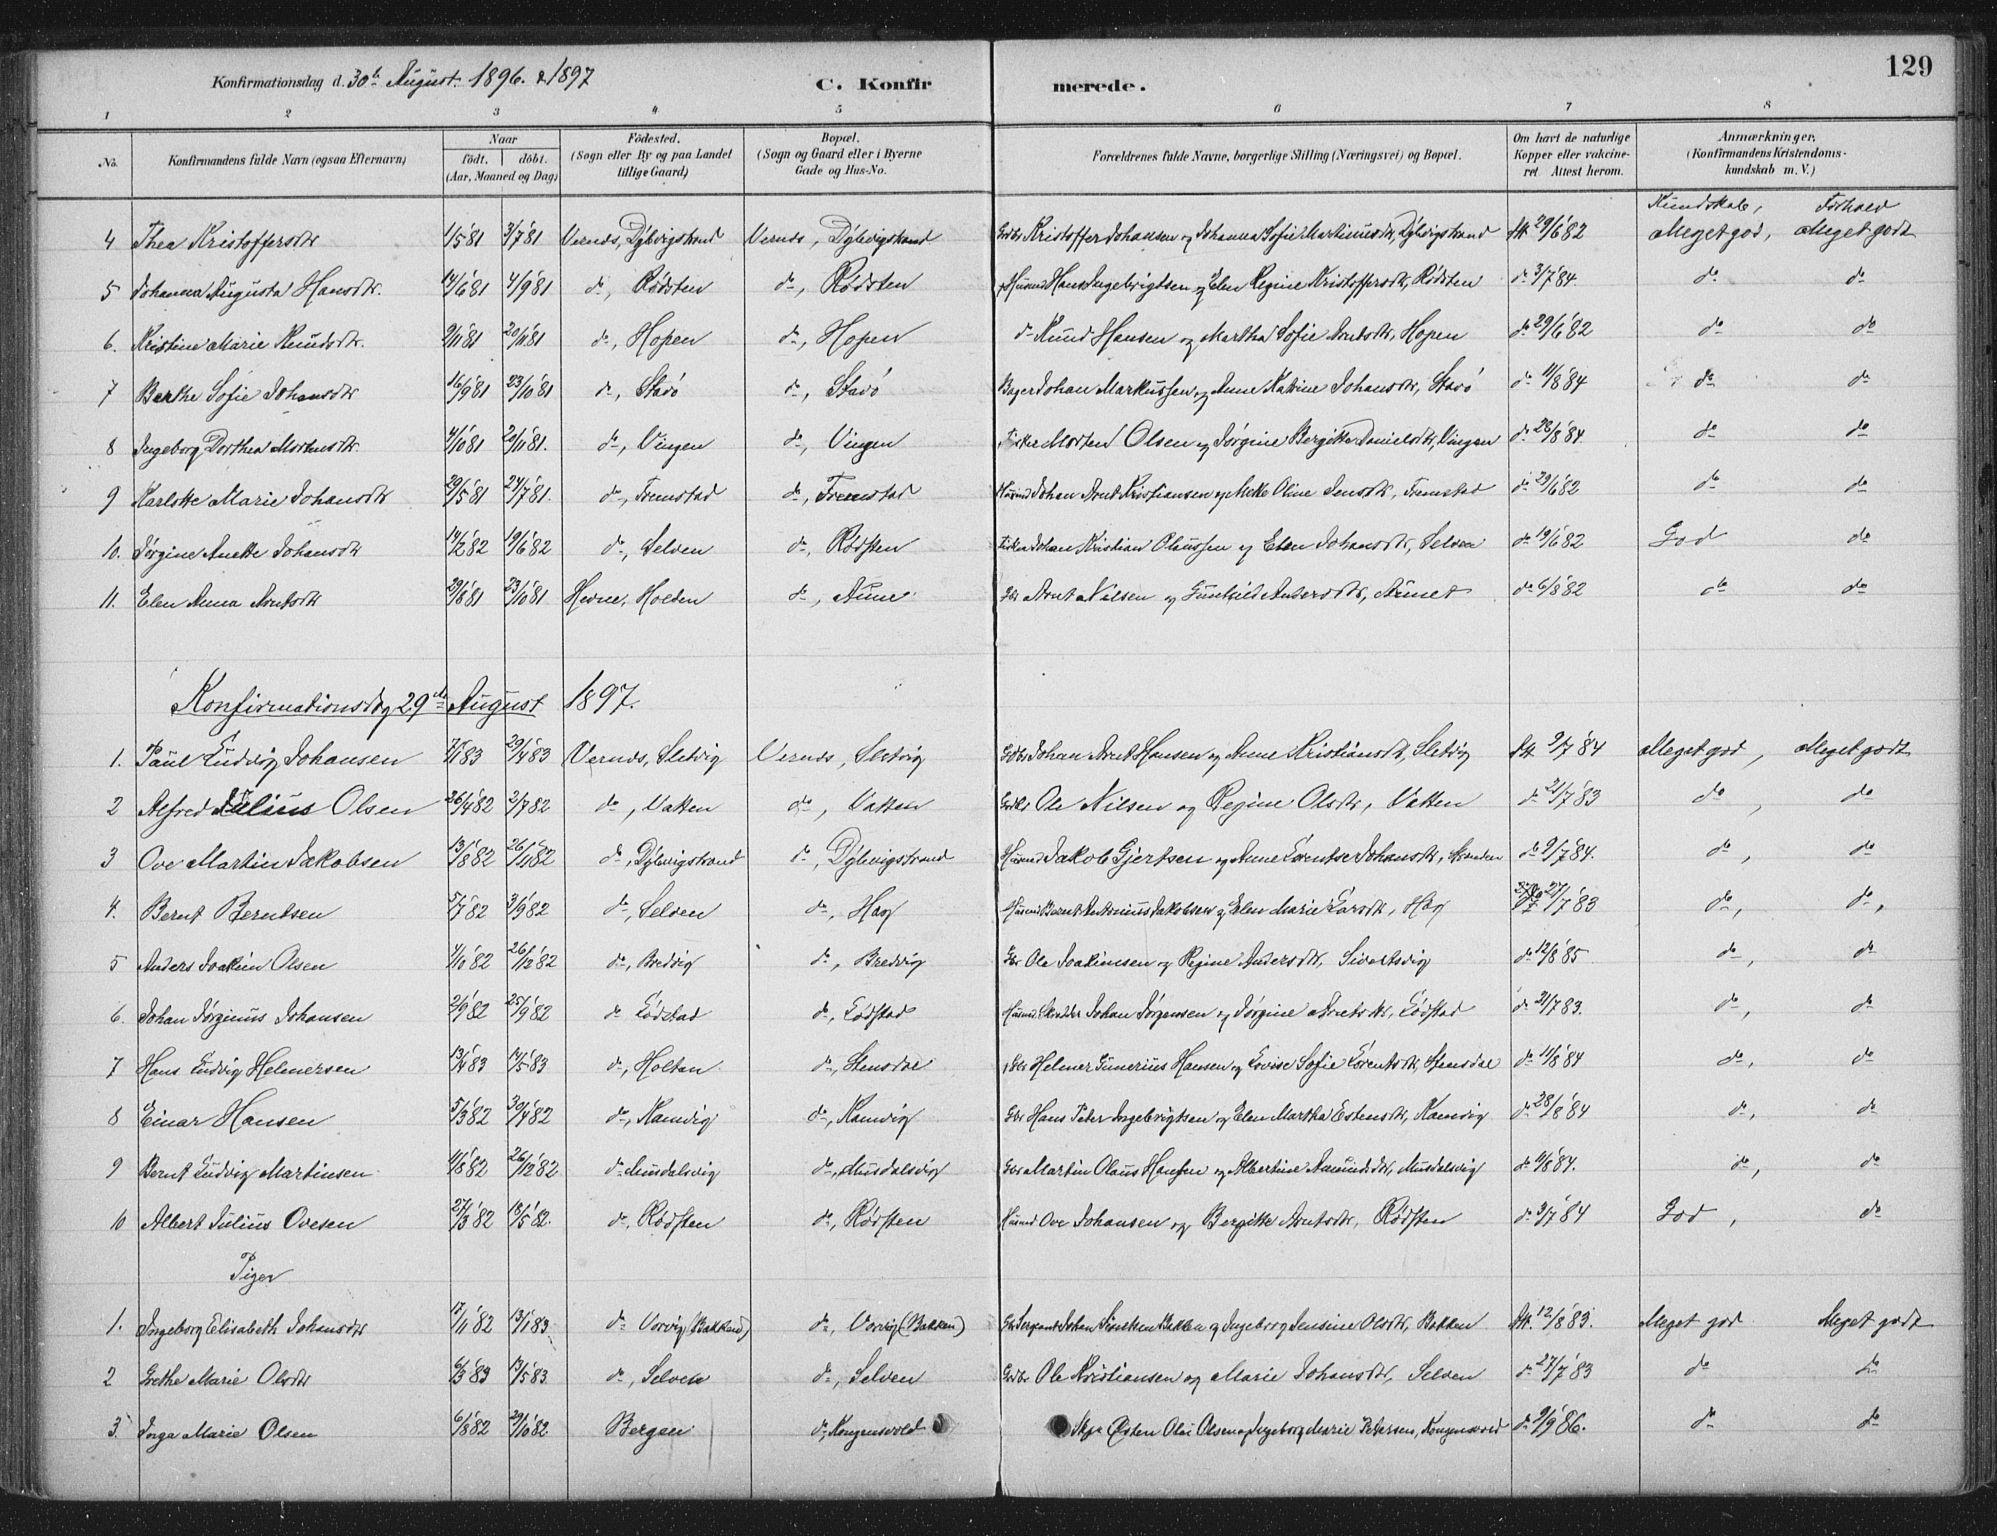 SAT, Ministerialprotokoller, klokkerbøker og fødselsregistre - Sør-Trøndelag, 662/L0755: Ministerialbok nr. 662A01, 1879-1905, s. 129